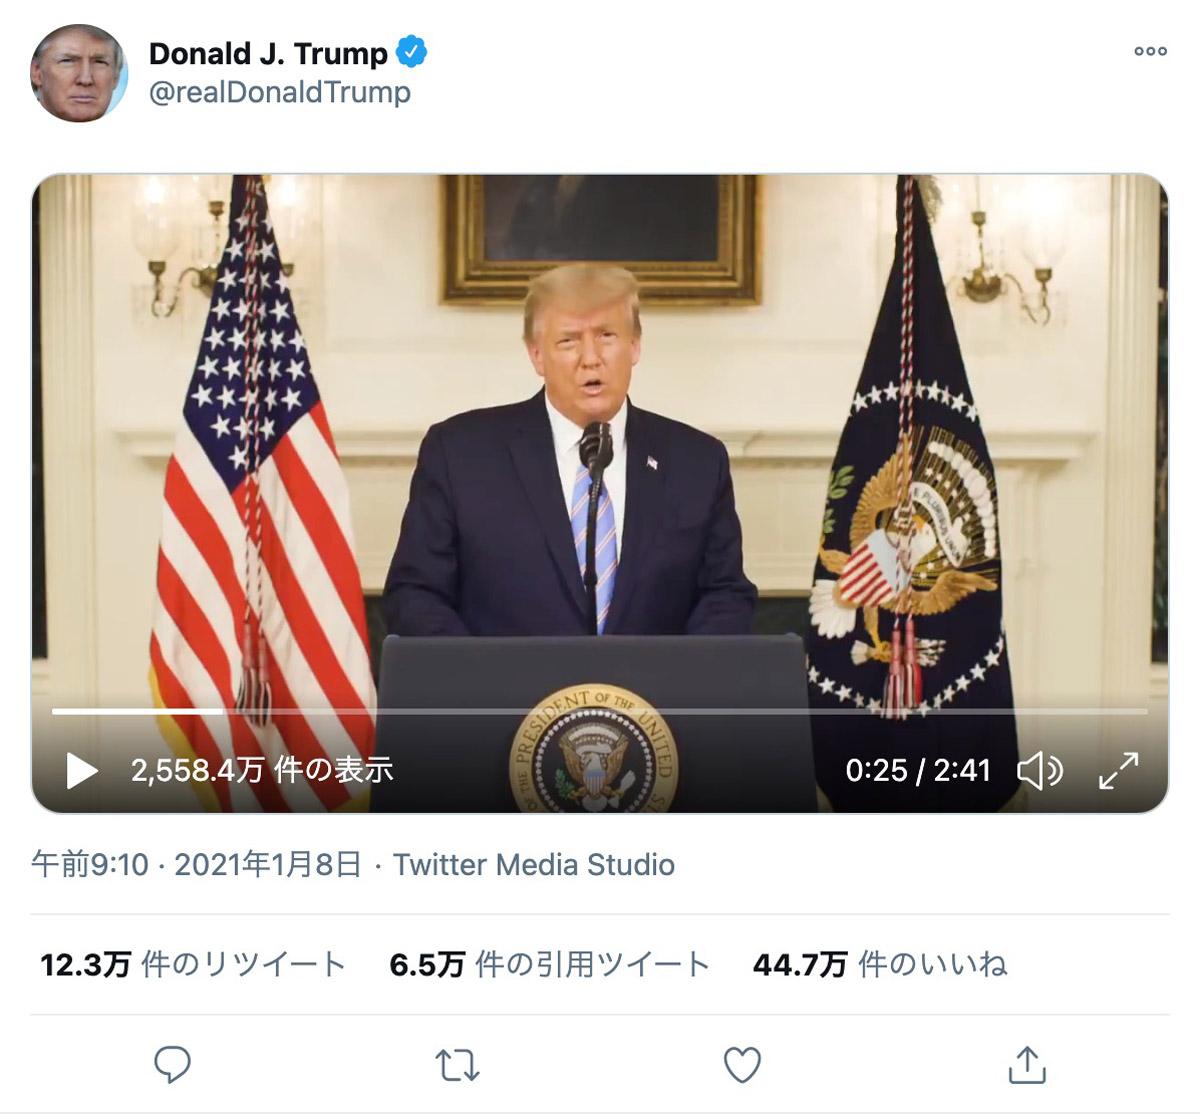 【更新】トランプ大統領のTwitterアカウントが凍結解除→永久凍結